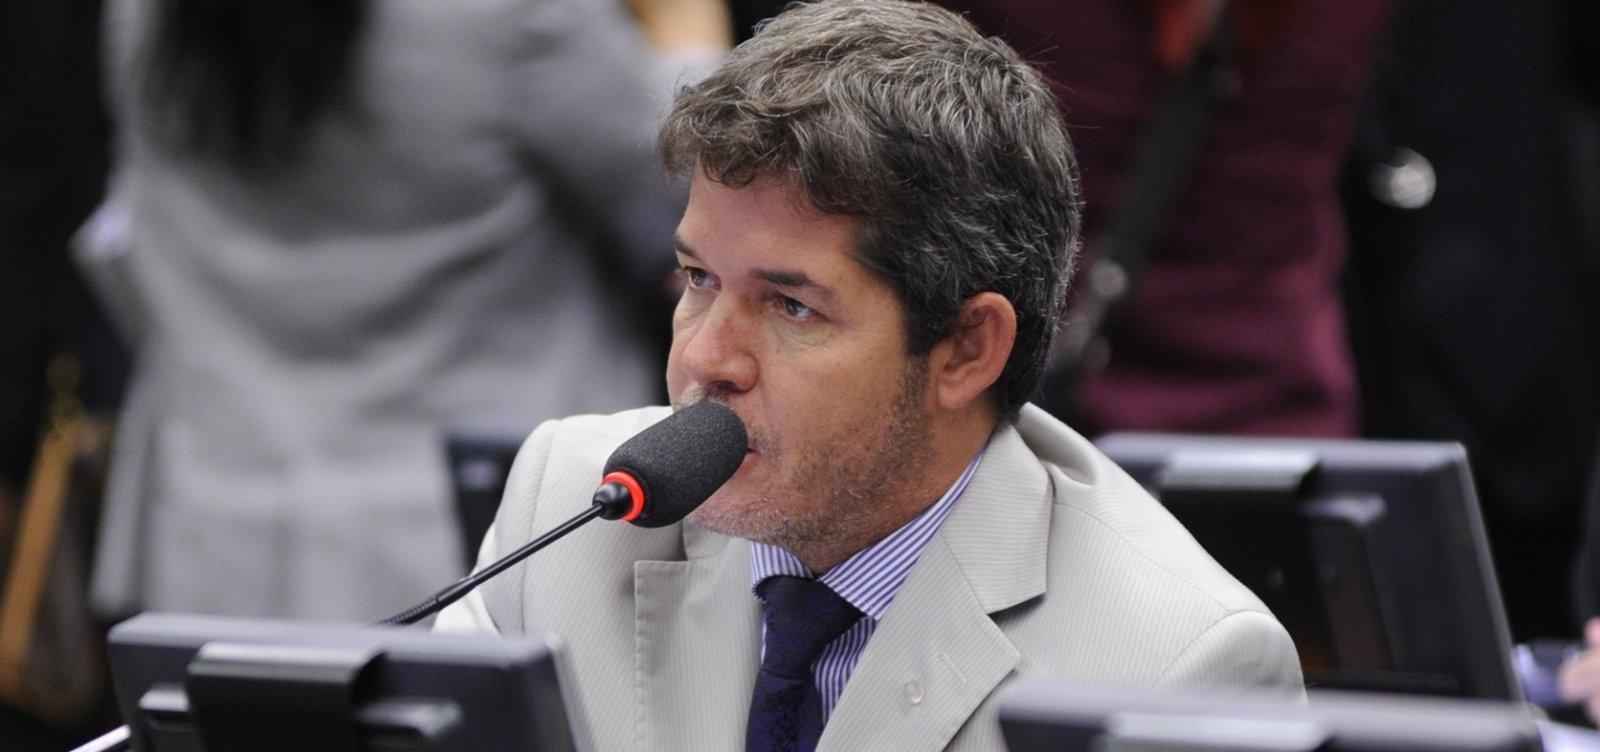 Líder do PSL diz que vídeo em que xinga a Bahia é fake: 'Amo o povo baiano'